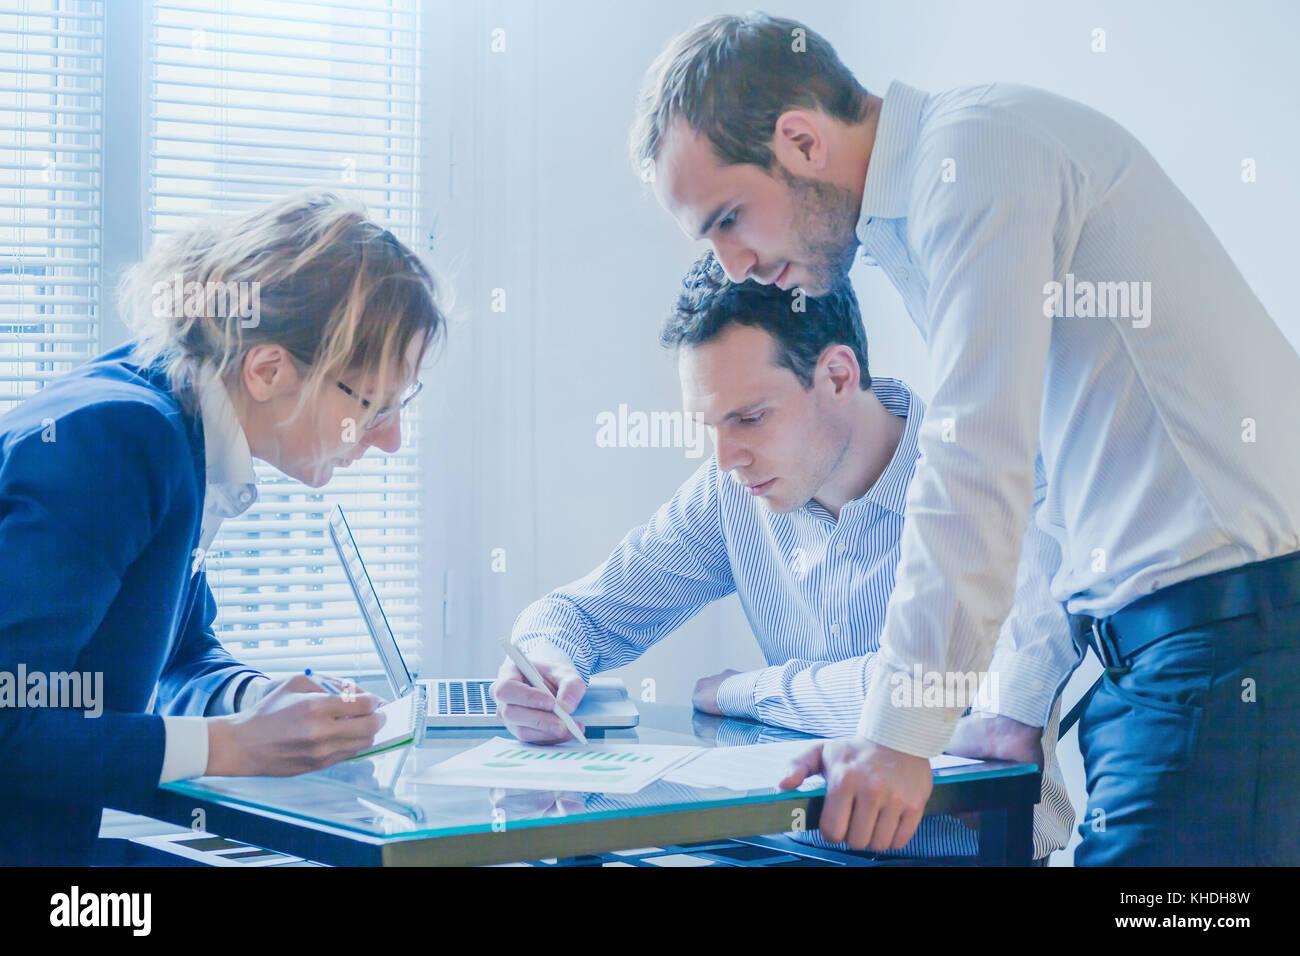 Business Team arbeiten an startup Projekt Entwicklung, Gruppe von Menschen treffen in modernen hellen Büro Stockbild